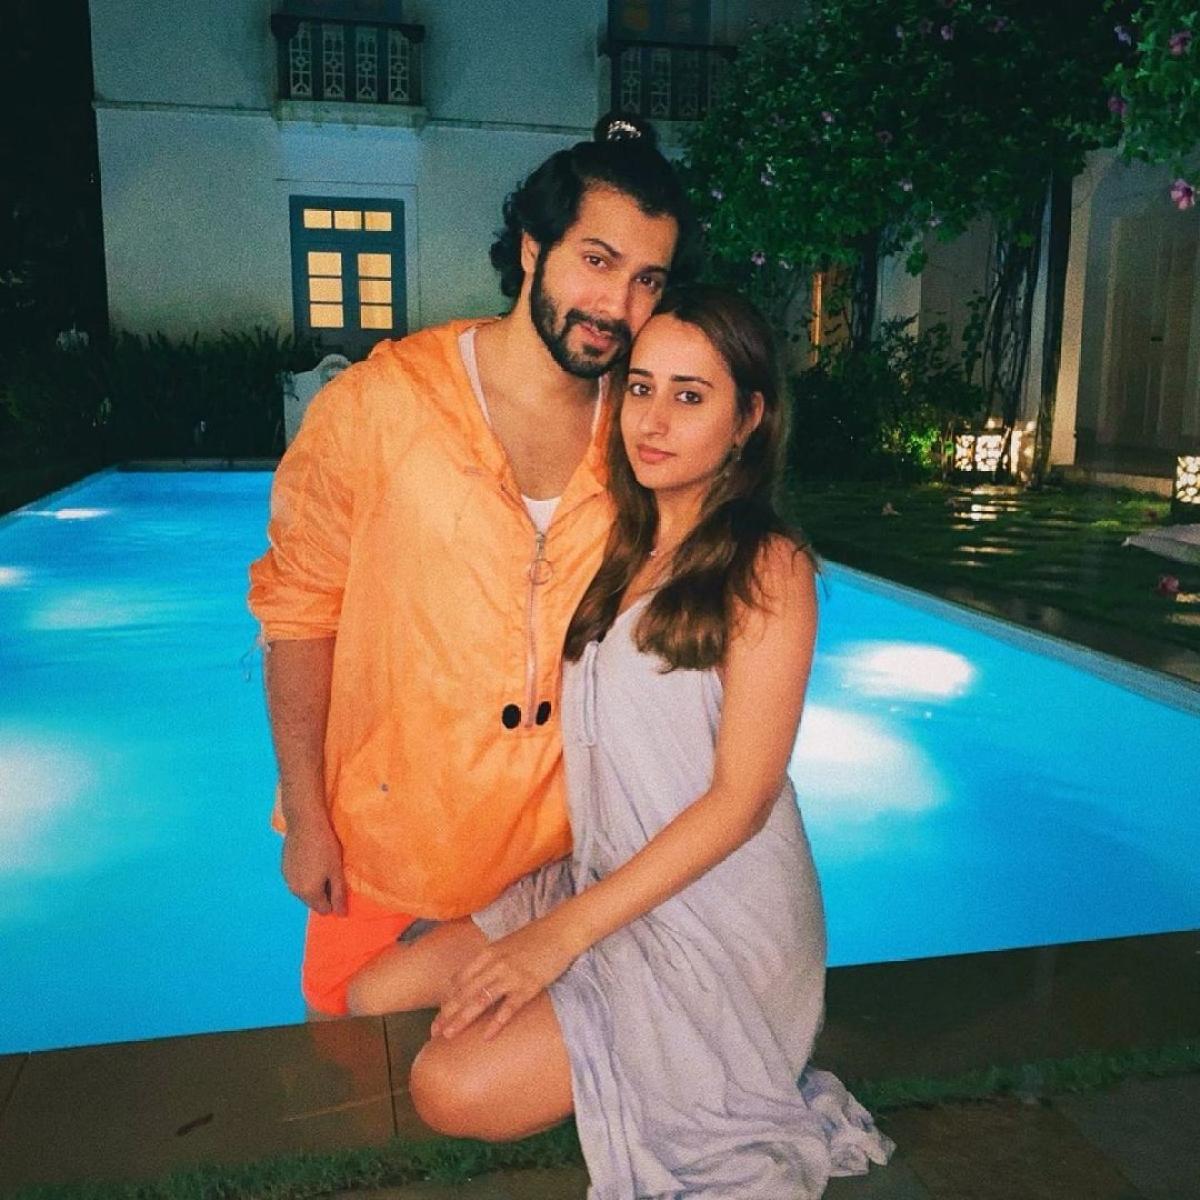 'I am planning for it': Varun Dhawan on marrying Natasha Dalal